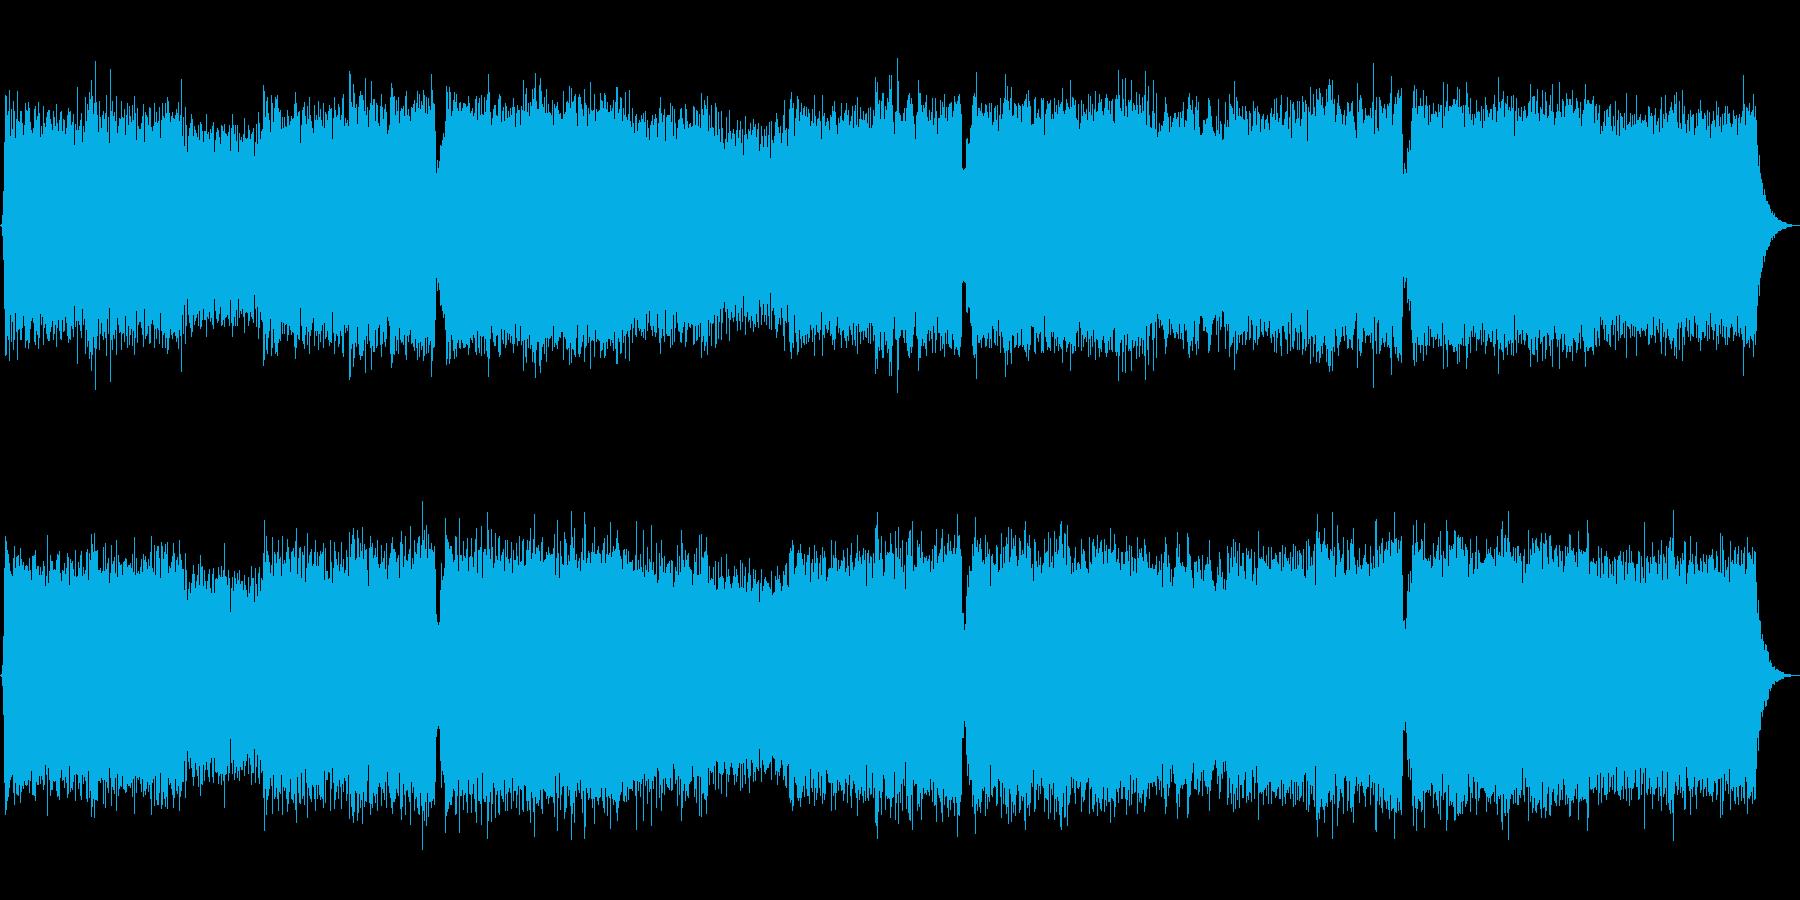 生尺八!激しくカッコいい和風EDMロックの再生済みの波形